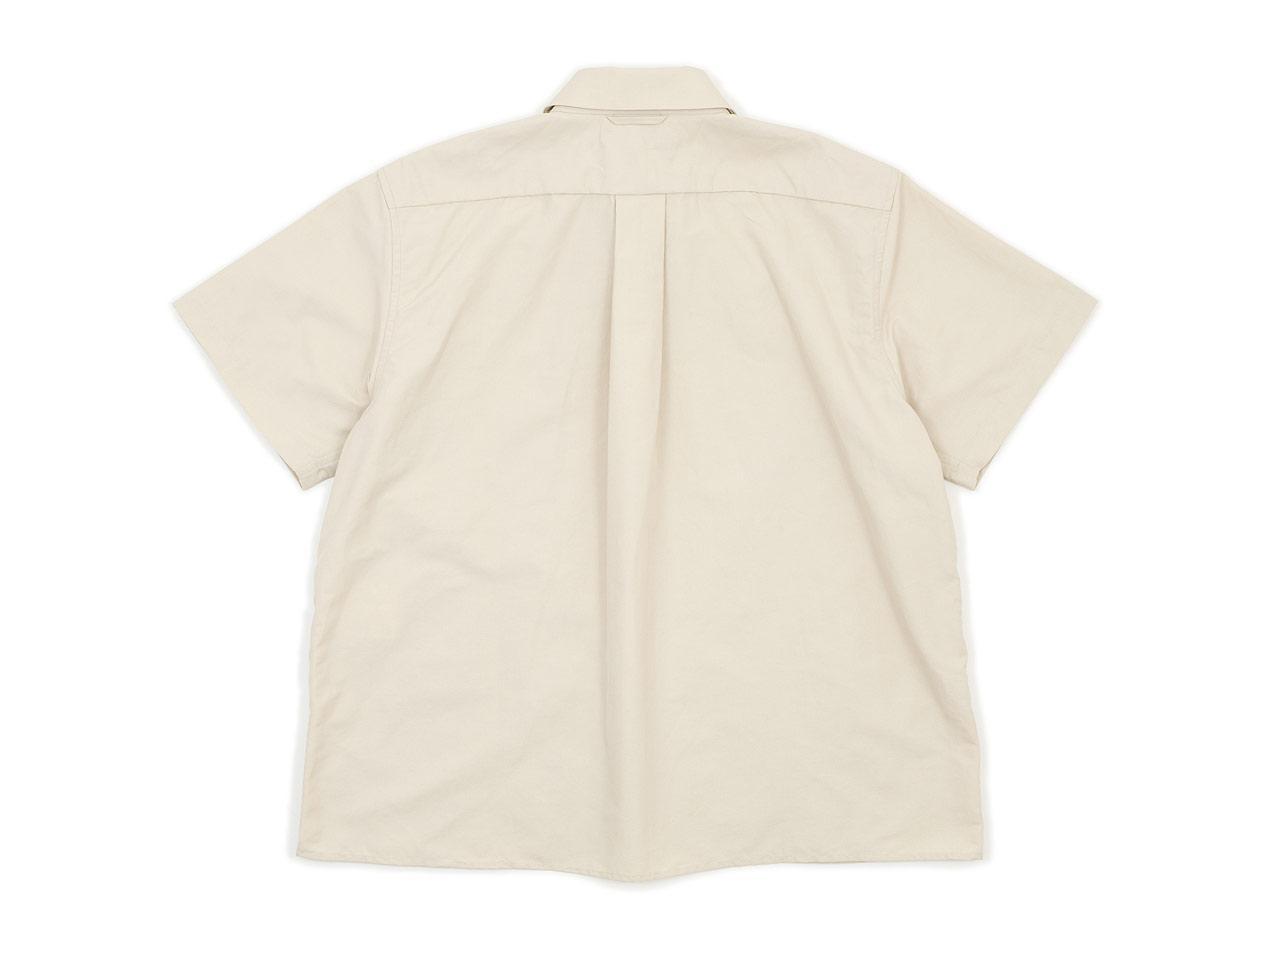 YAECA コンフォートシャツ 半袖